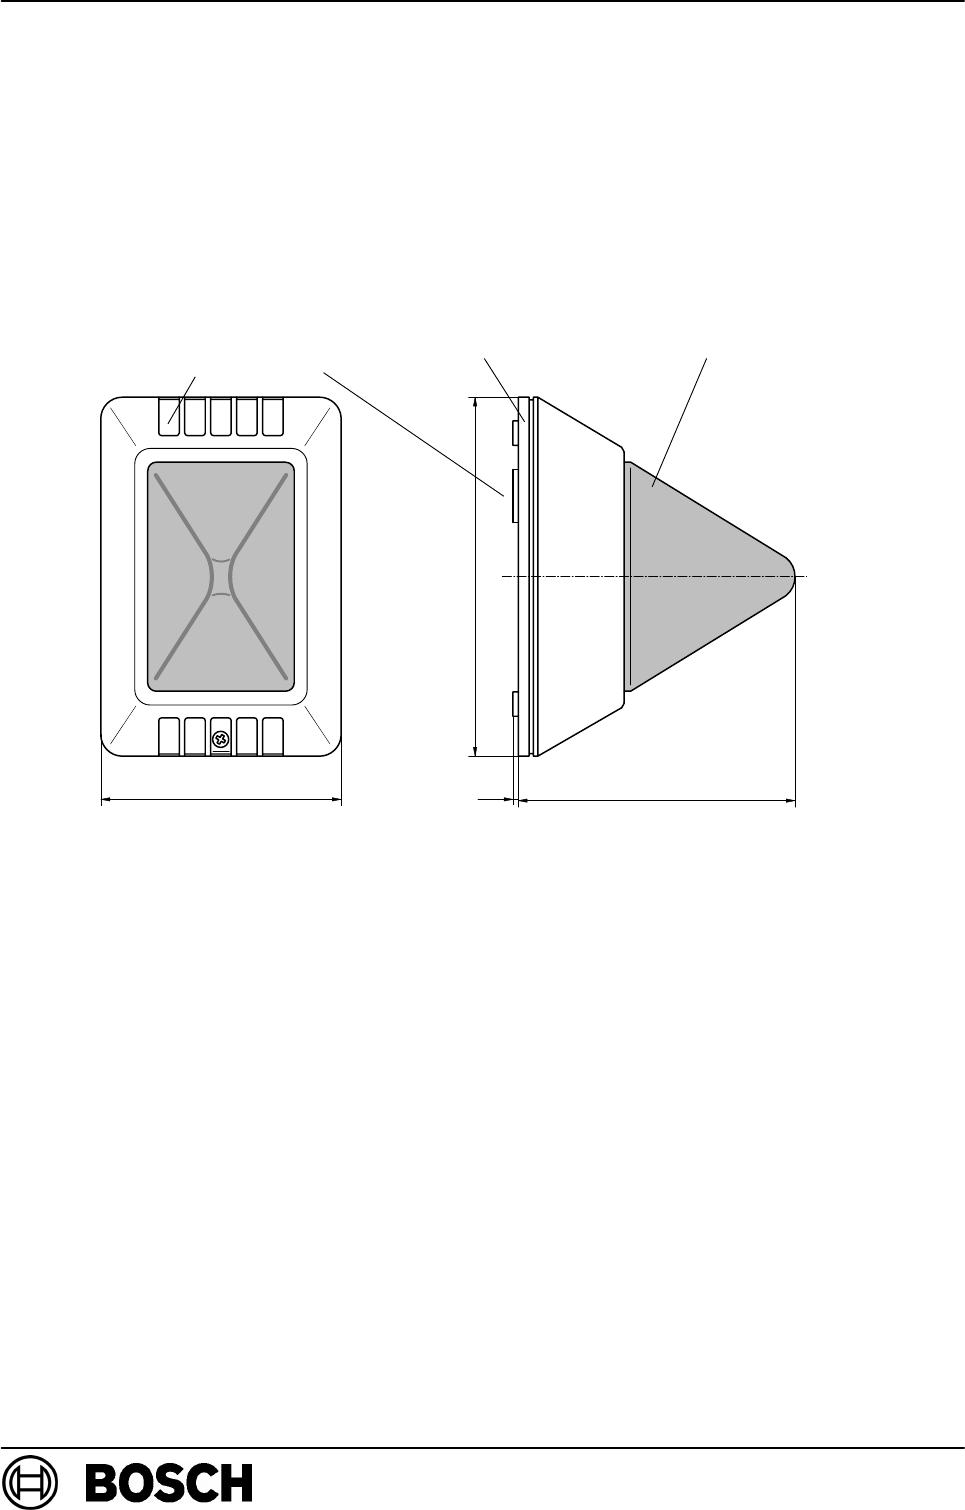 Bosch PI 38.39c(A3.de) PB 2005 De Installation Manual 1306681611